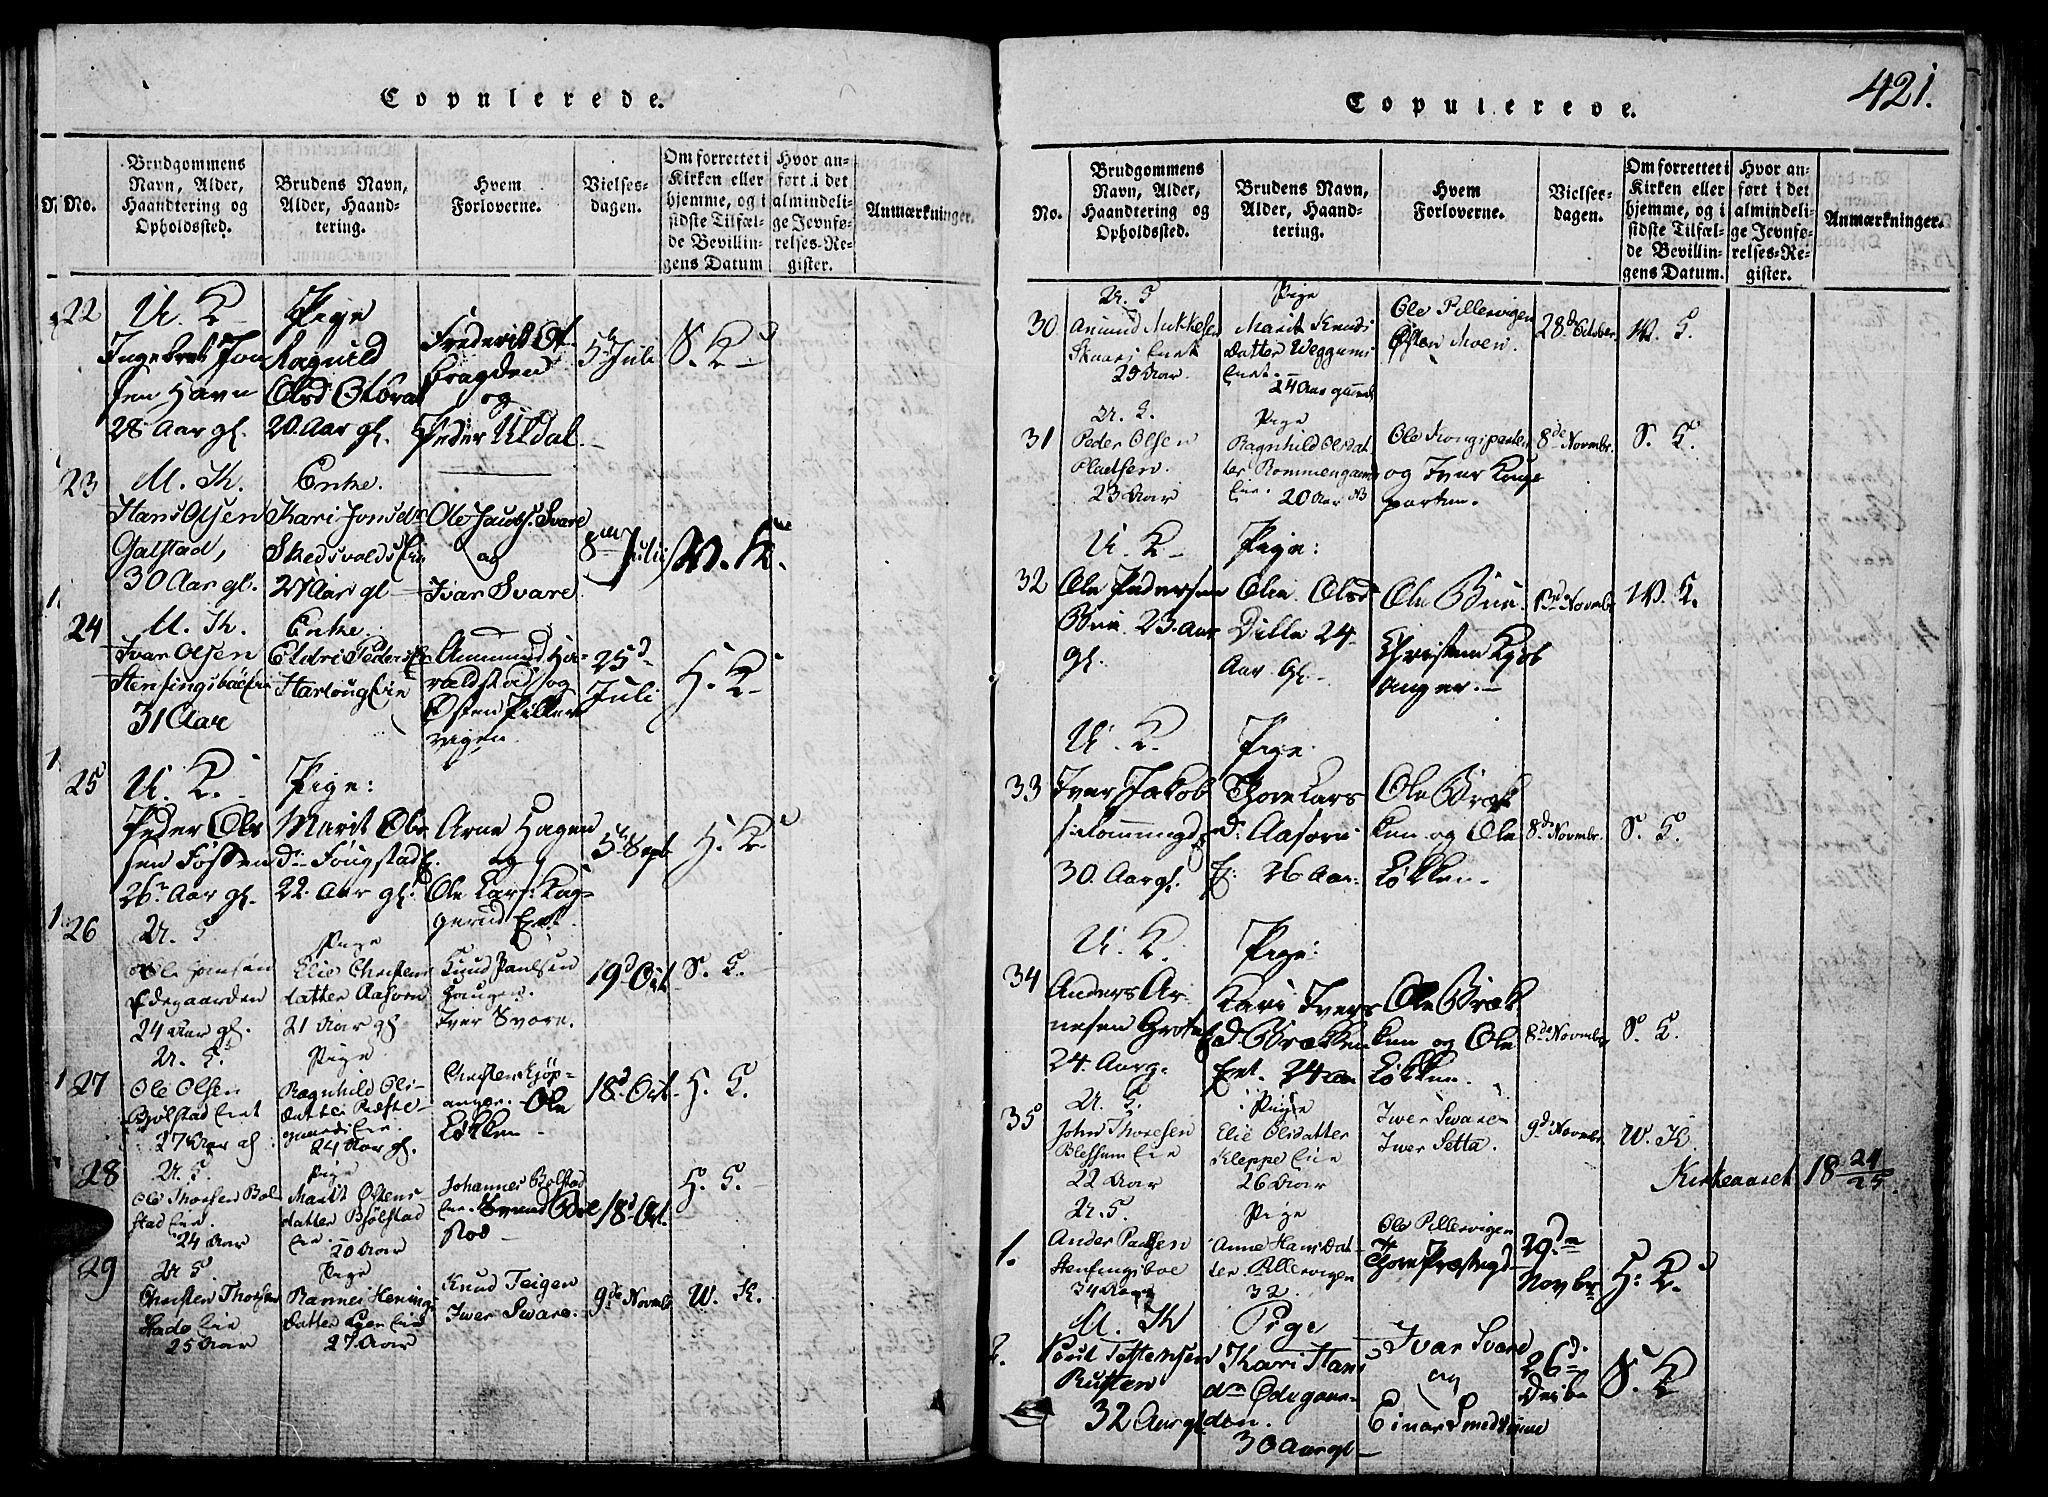 SAH, Vågå prestekontor, Klokkerbok nr. 1, 1815-1827, s. 420-421